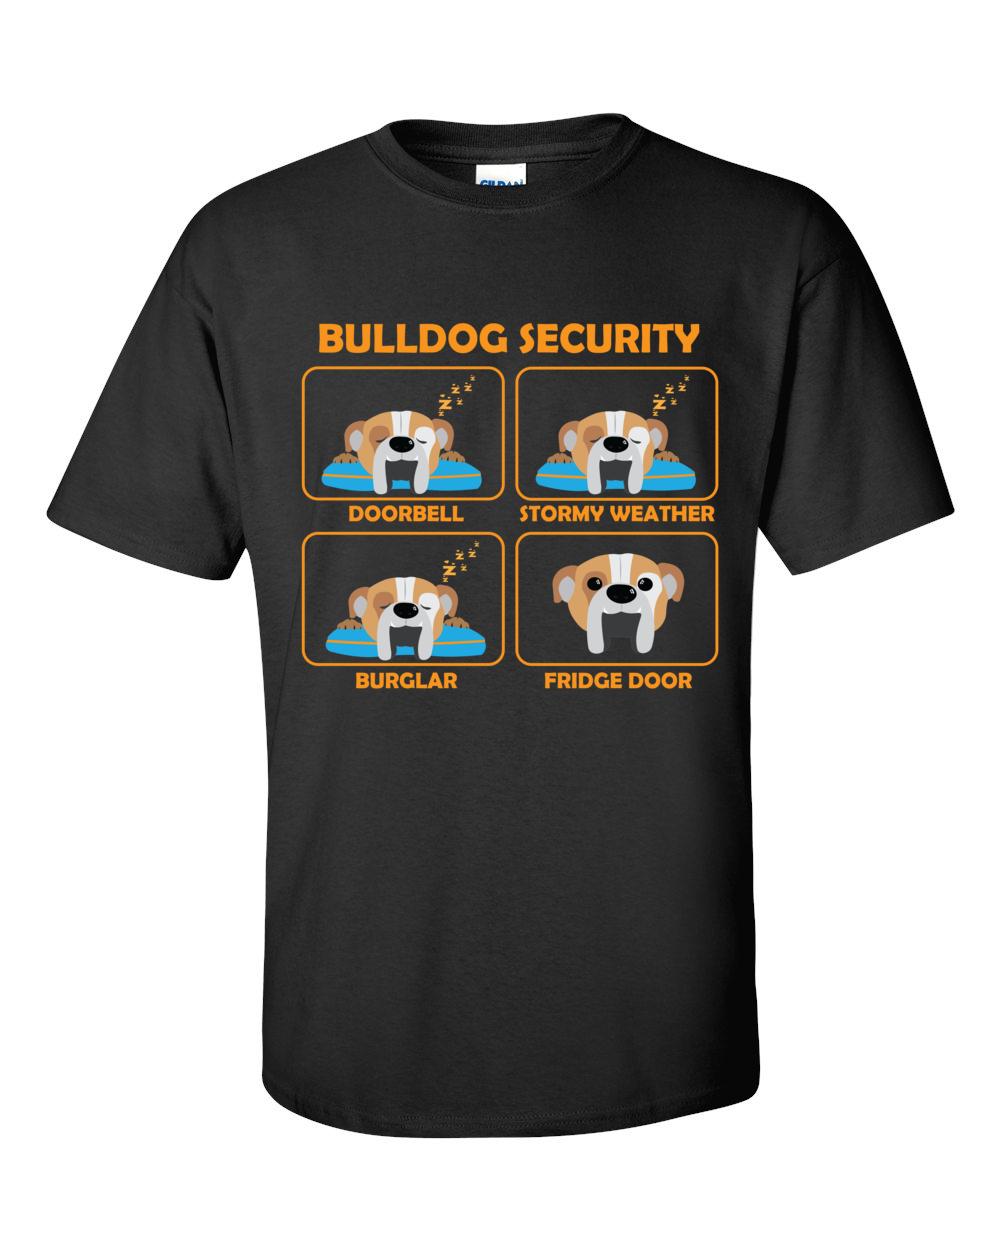 English bulldog funny bulldog t shirt bulldog security T shirts for english bulldogs